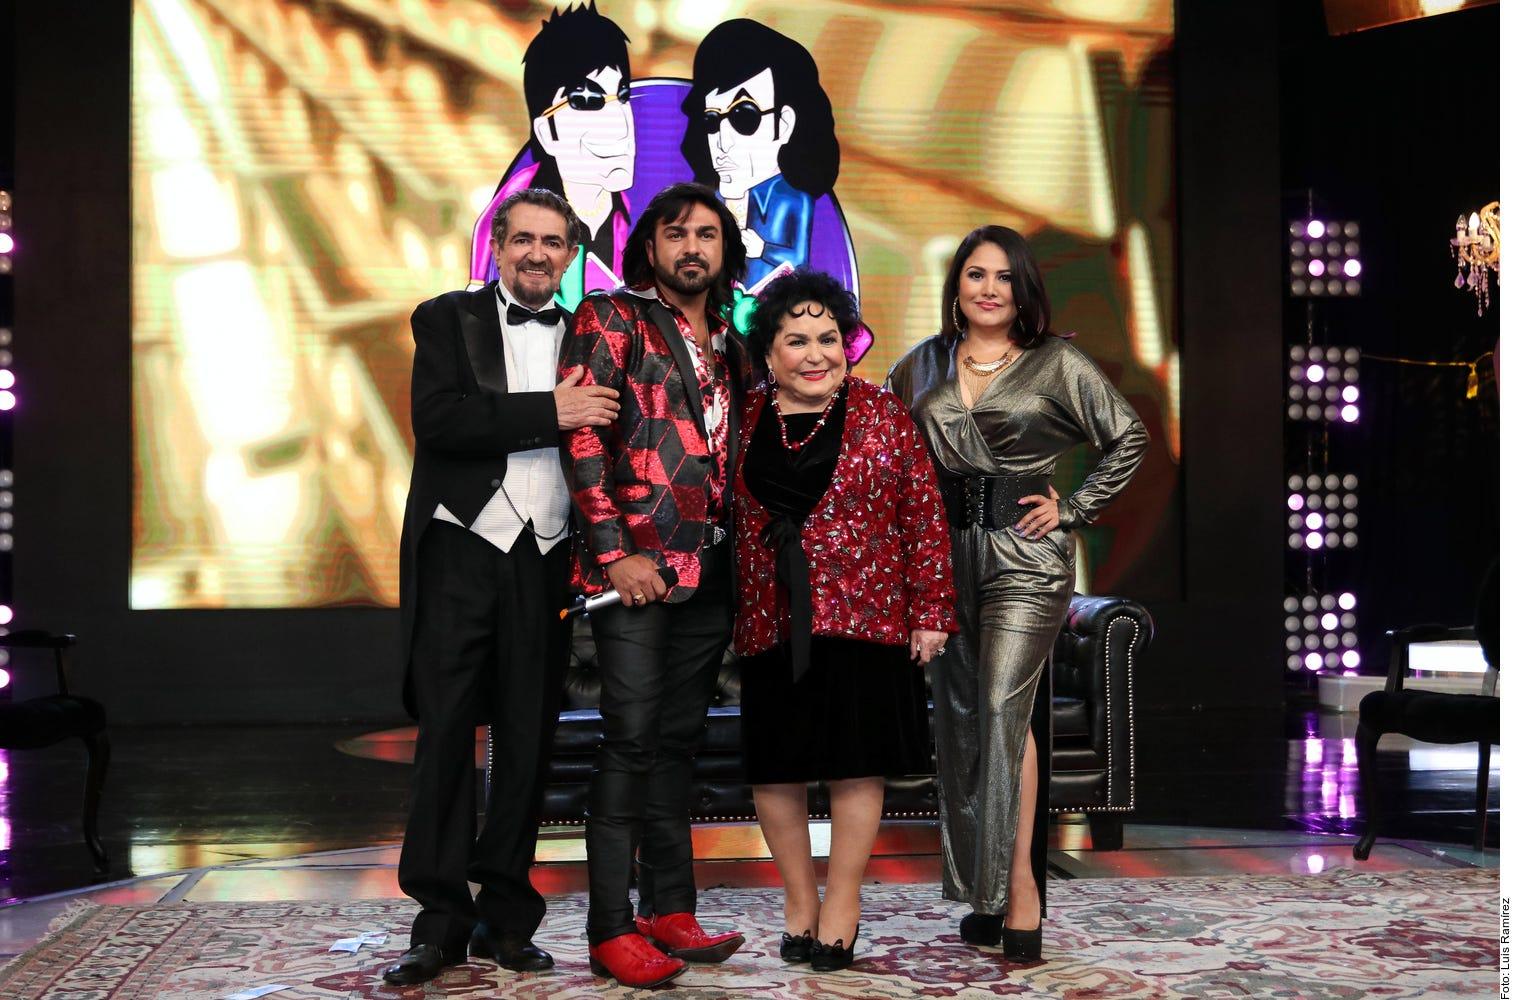 Presentan 4ta Temporada De Serie Encabezada Por Vitor Y Albertano De serie is gemaakt en geproduceerd door guillermo del bosque voor televisa. serie encabezada por vitor y albertano